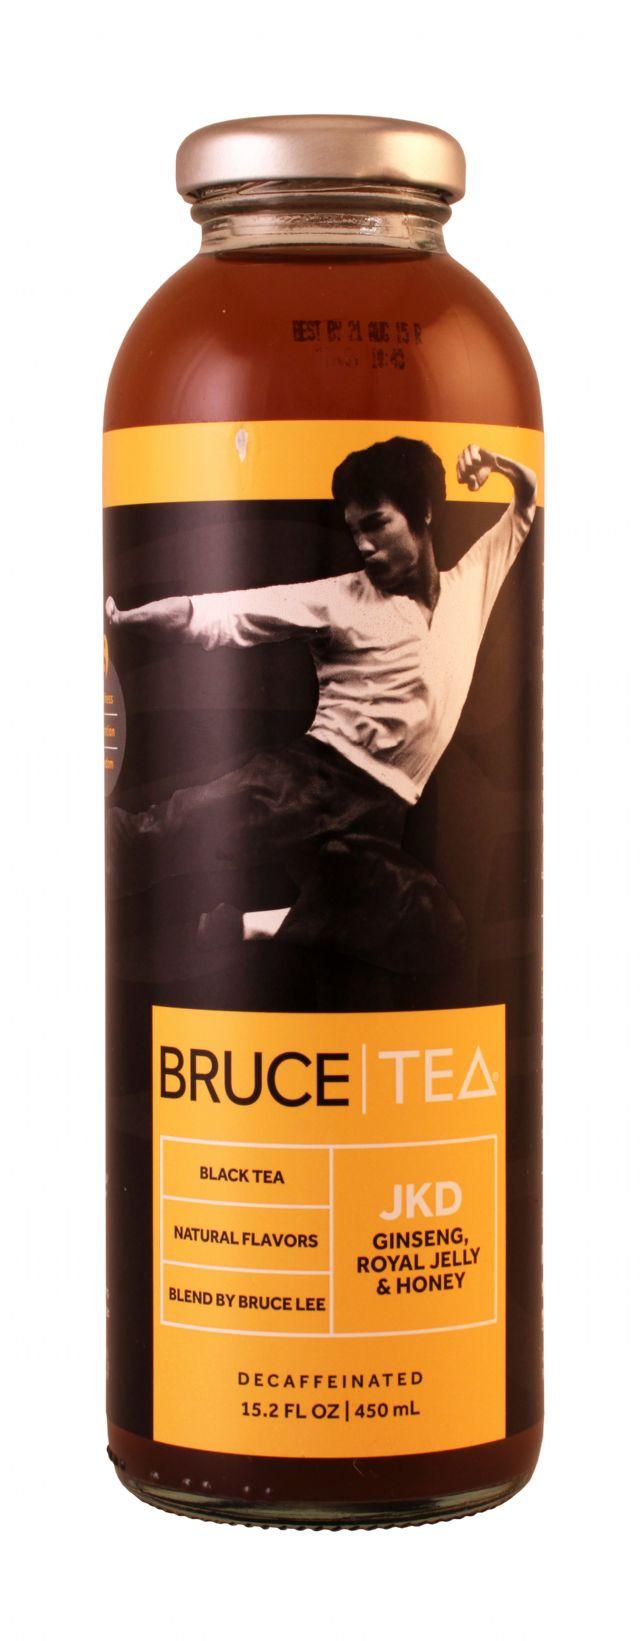 Bruce Tea: BruceTea JKD Front